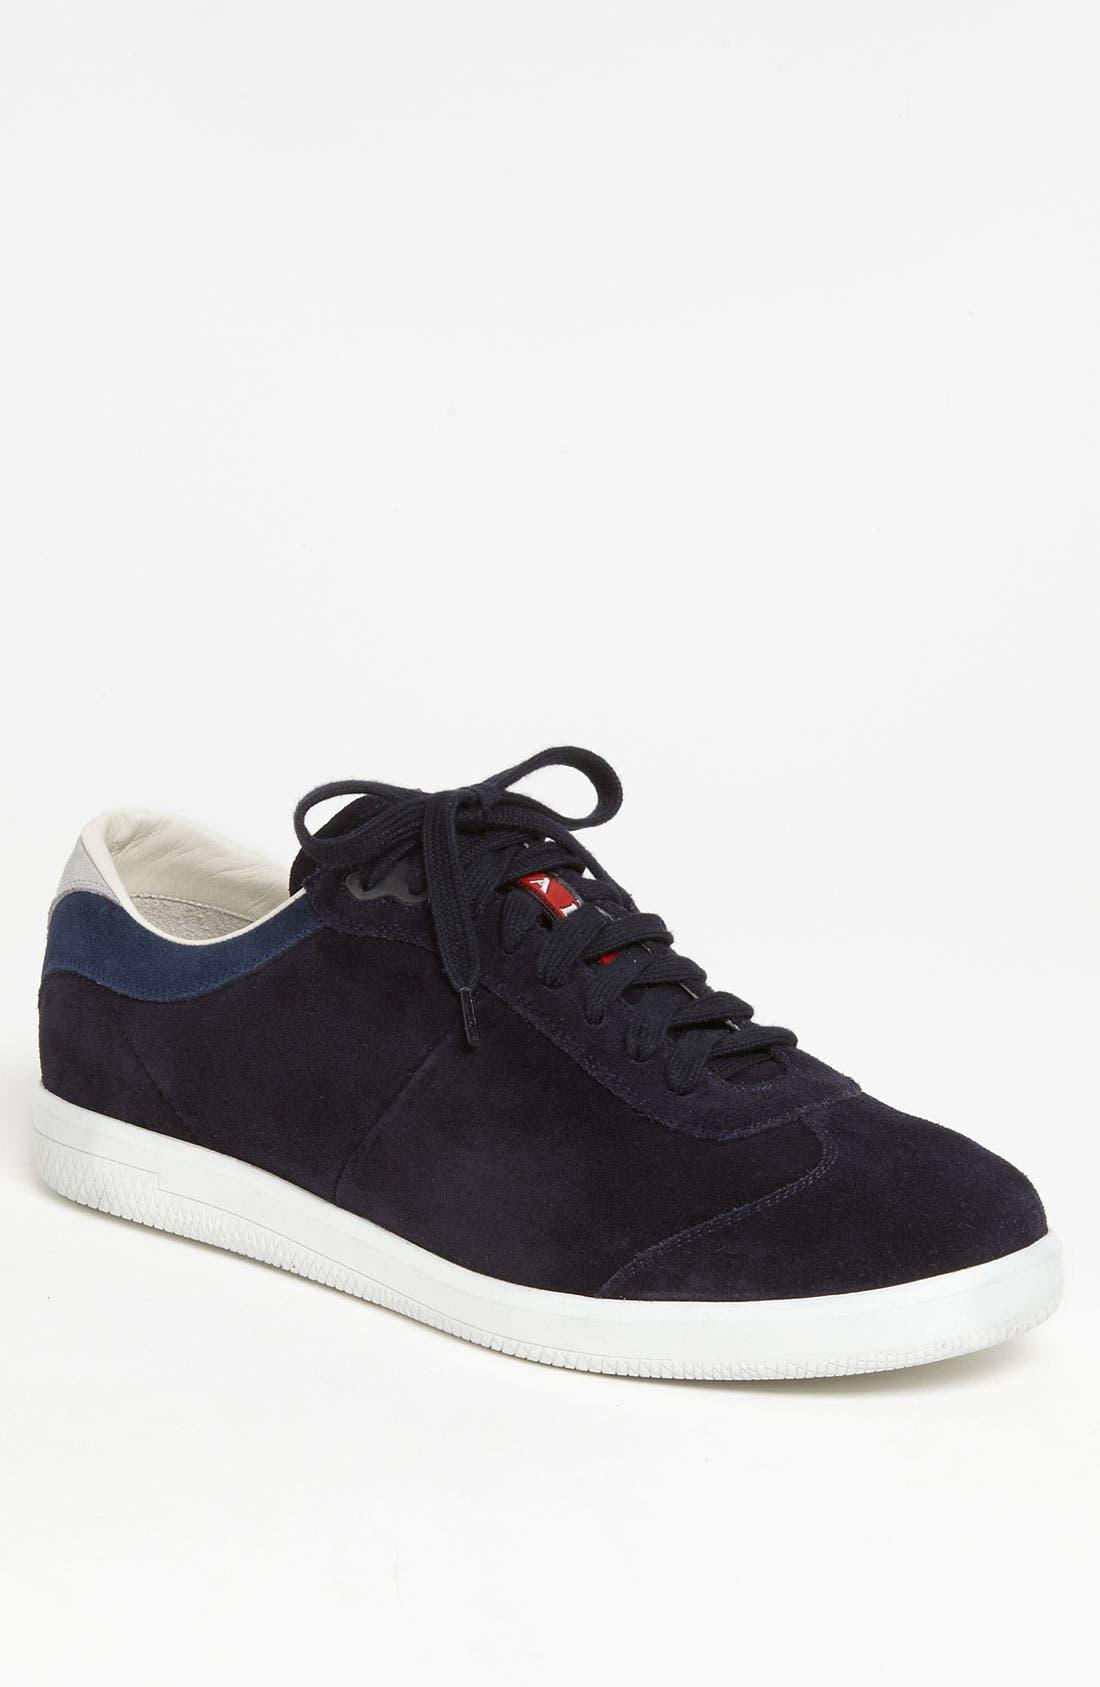 Alternate Image 1 Selected - Prada Colorblock Sneaker